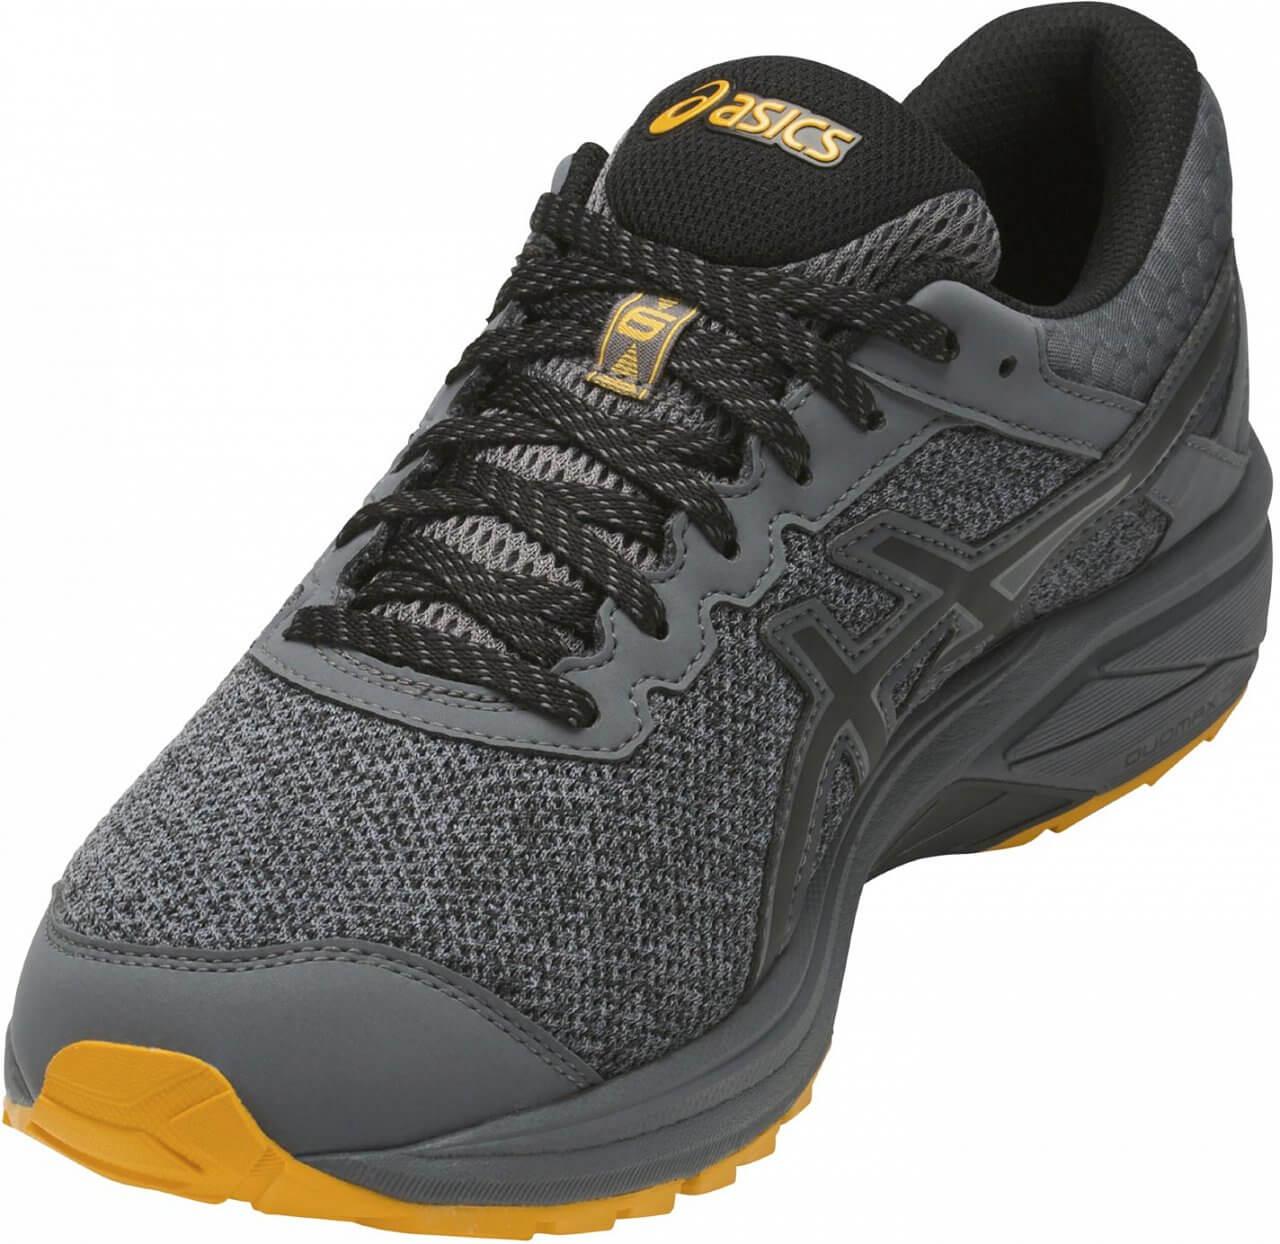 39427d591348 Asics GT-1000 6 GTX. Pánska bežecká obuv. Pánska bežecká obuv. Pánska  bežecká obuv